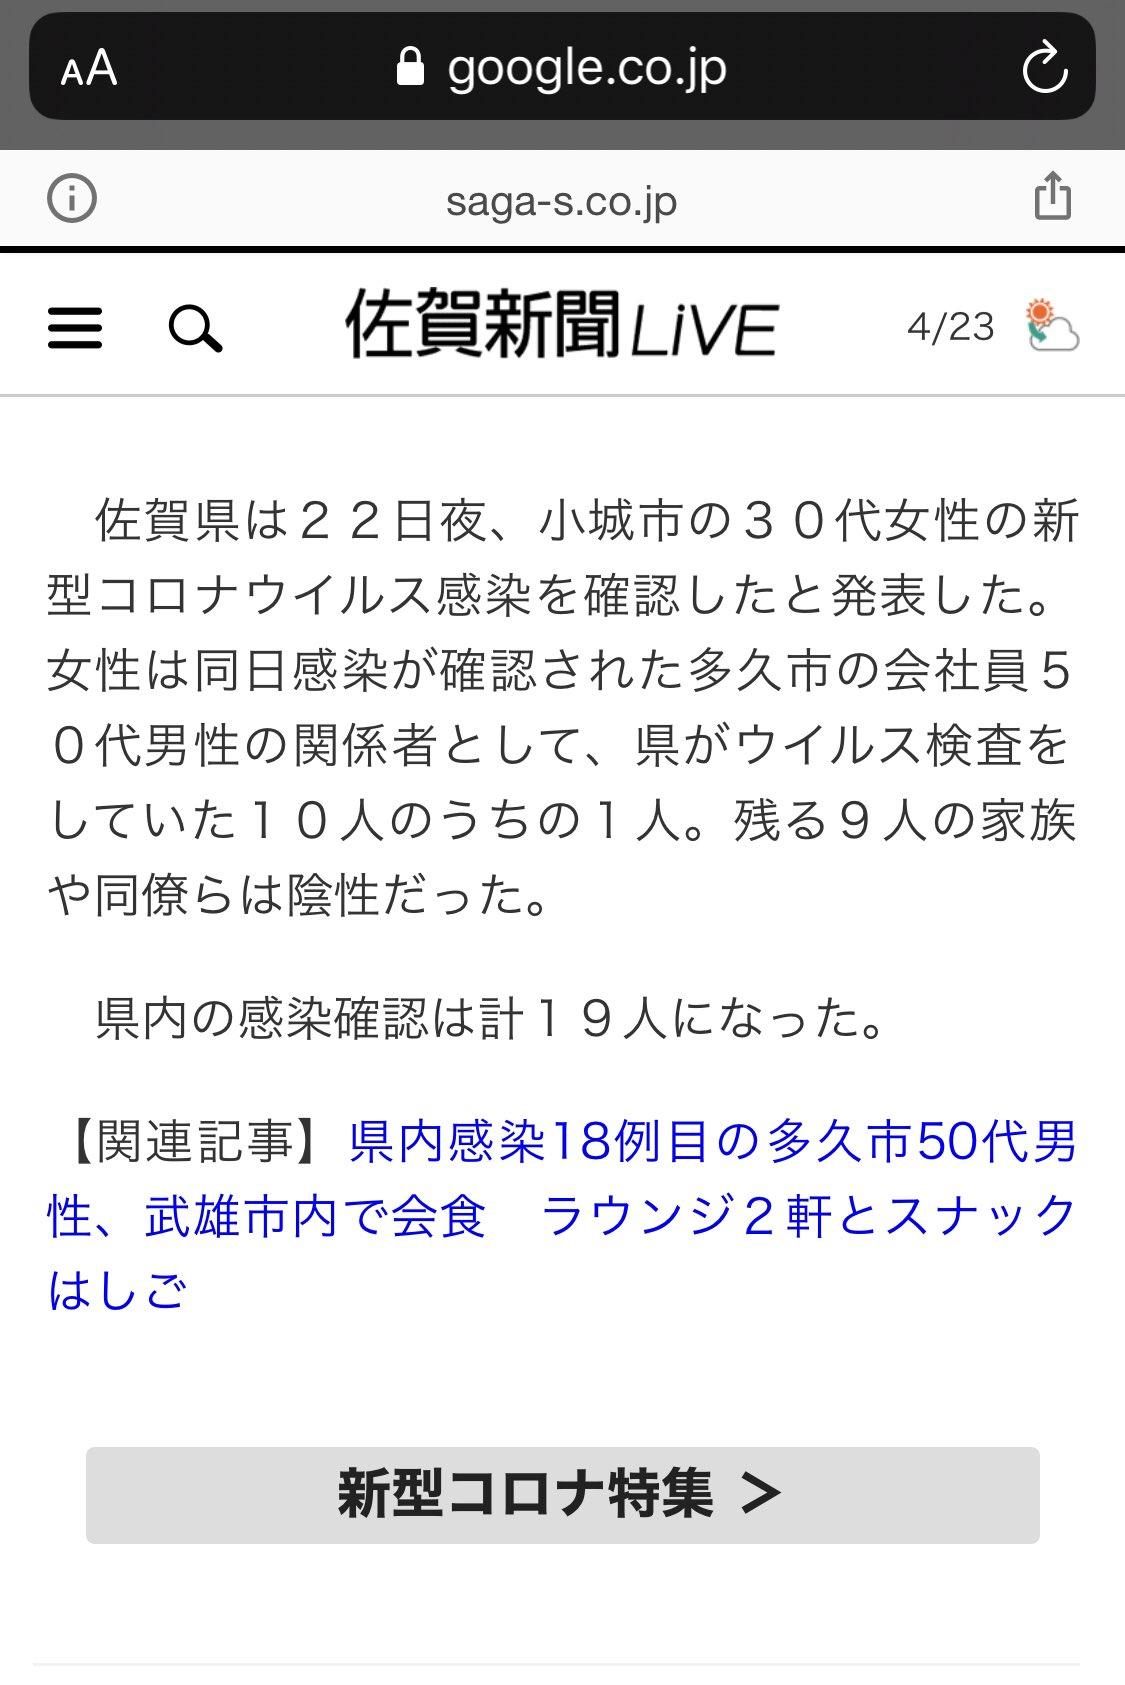 速報 コロナ 佐賀 県 感染 者